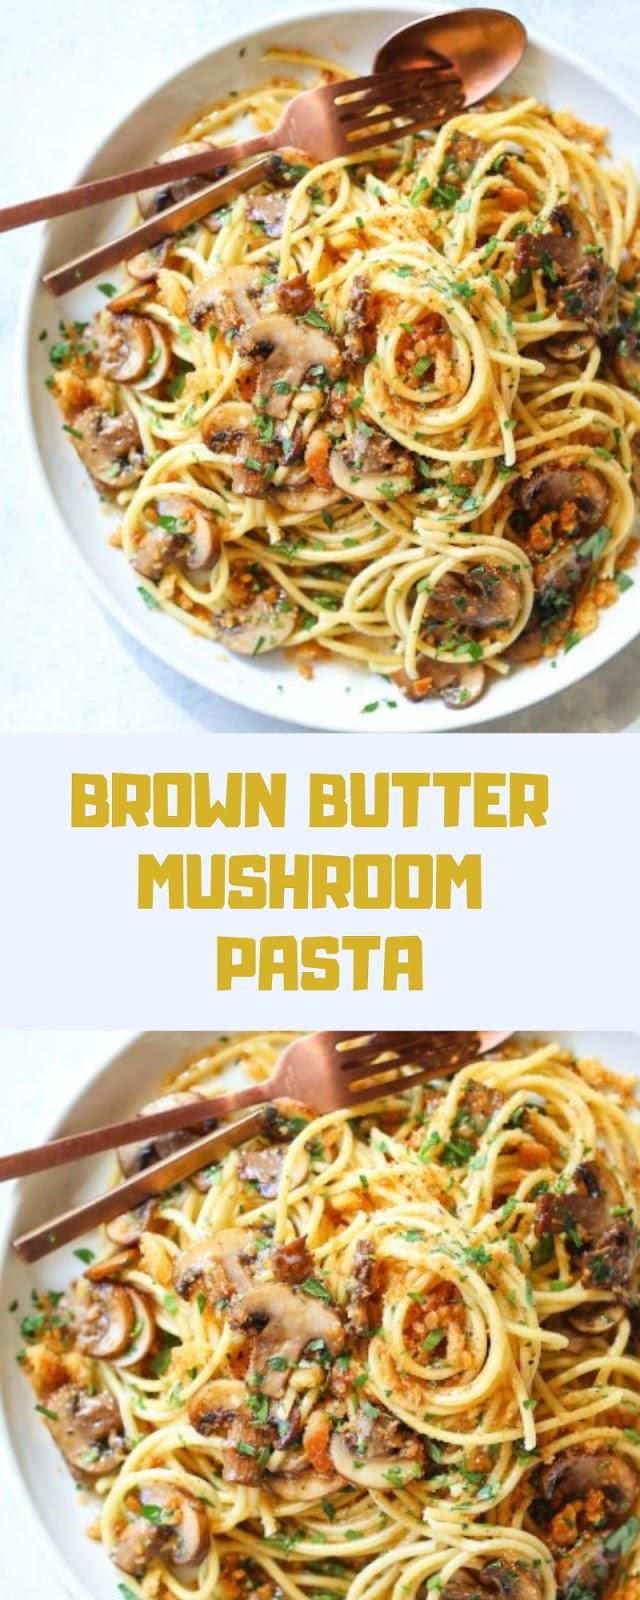 BROWN BUTTER MUSHROOM PASTA